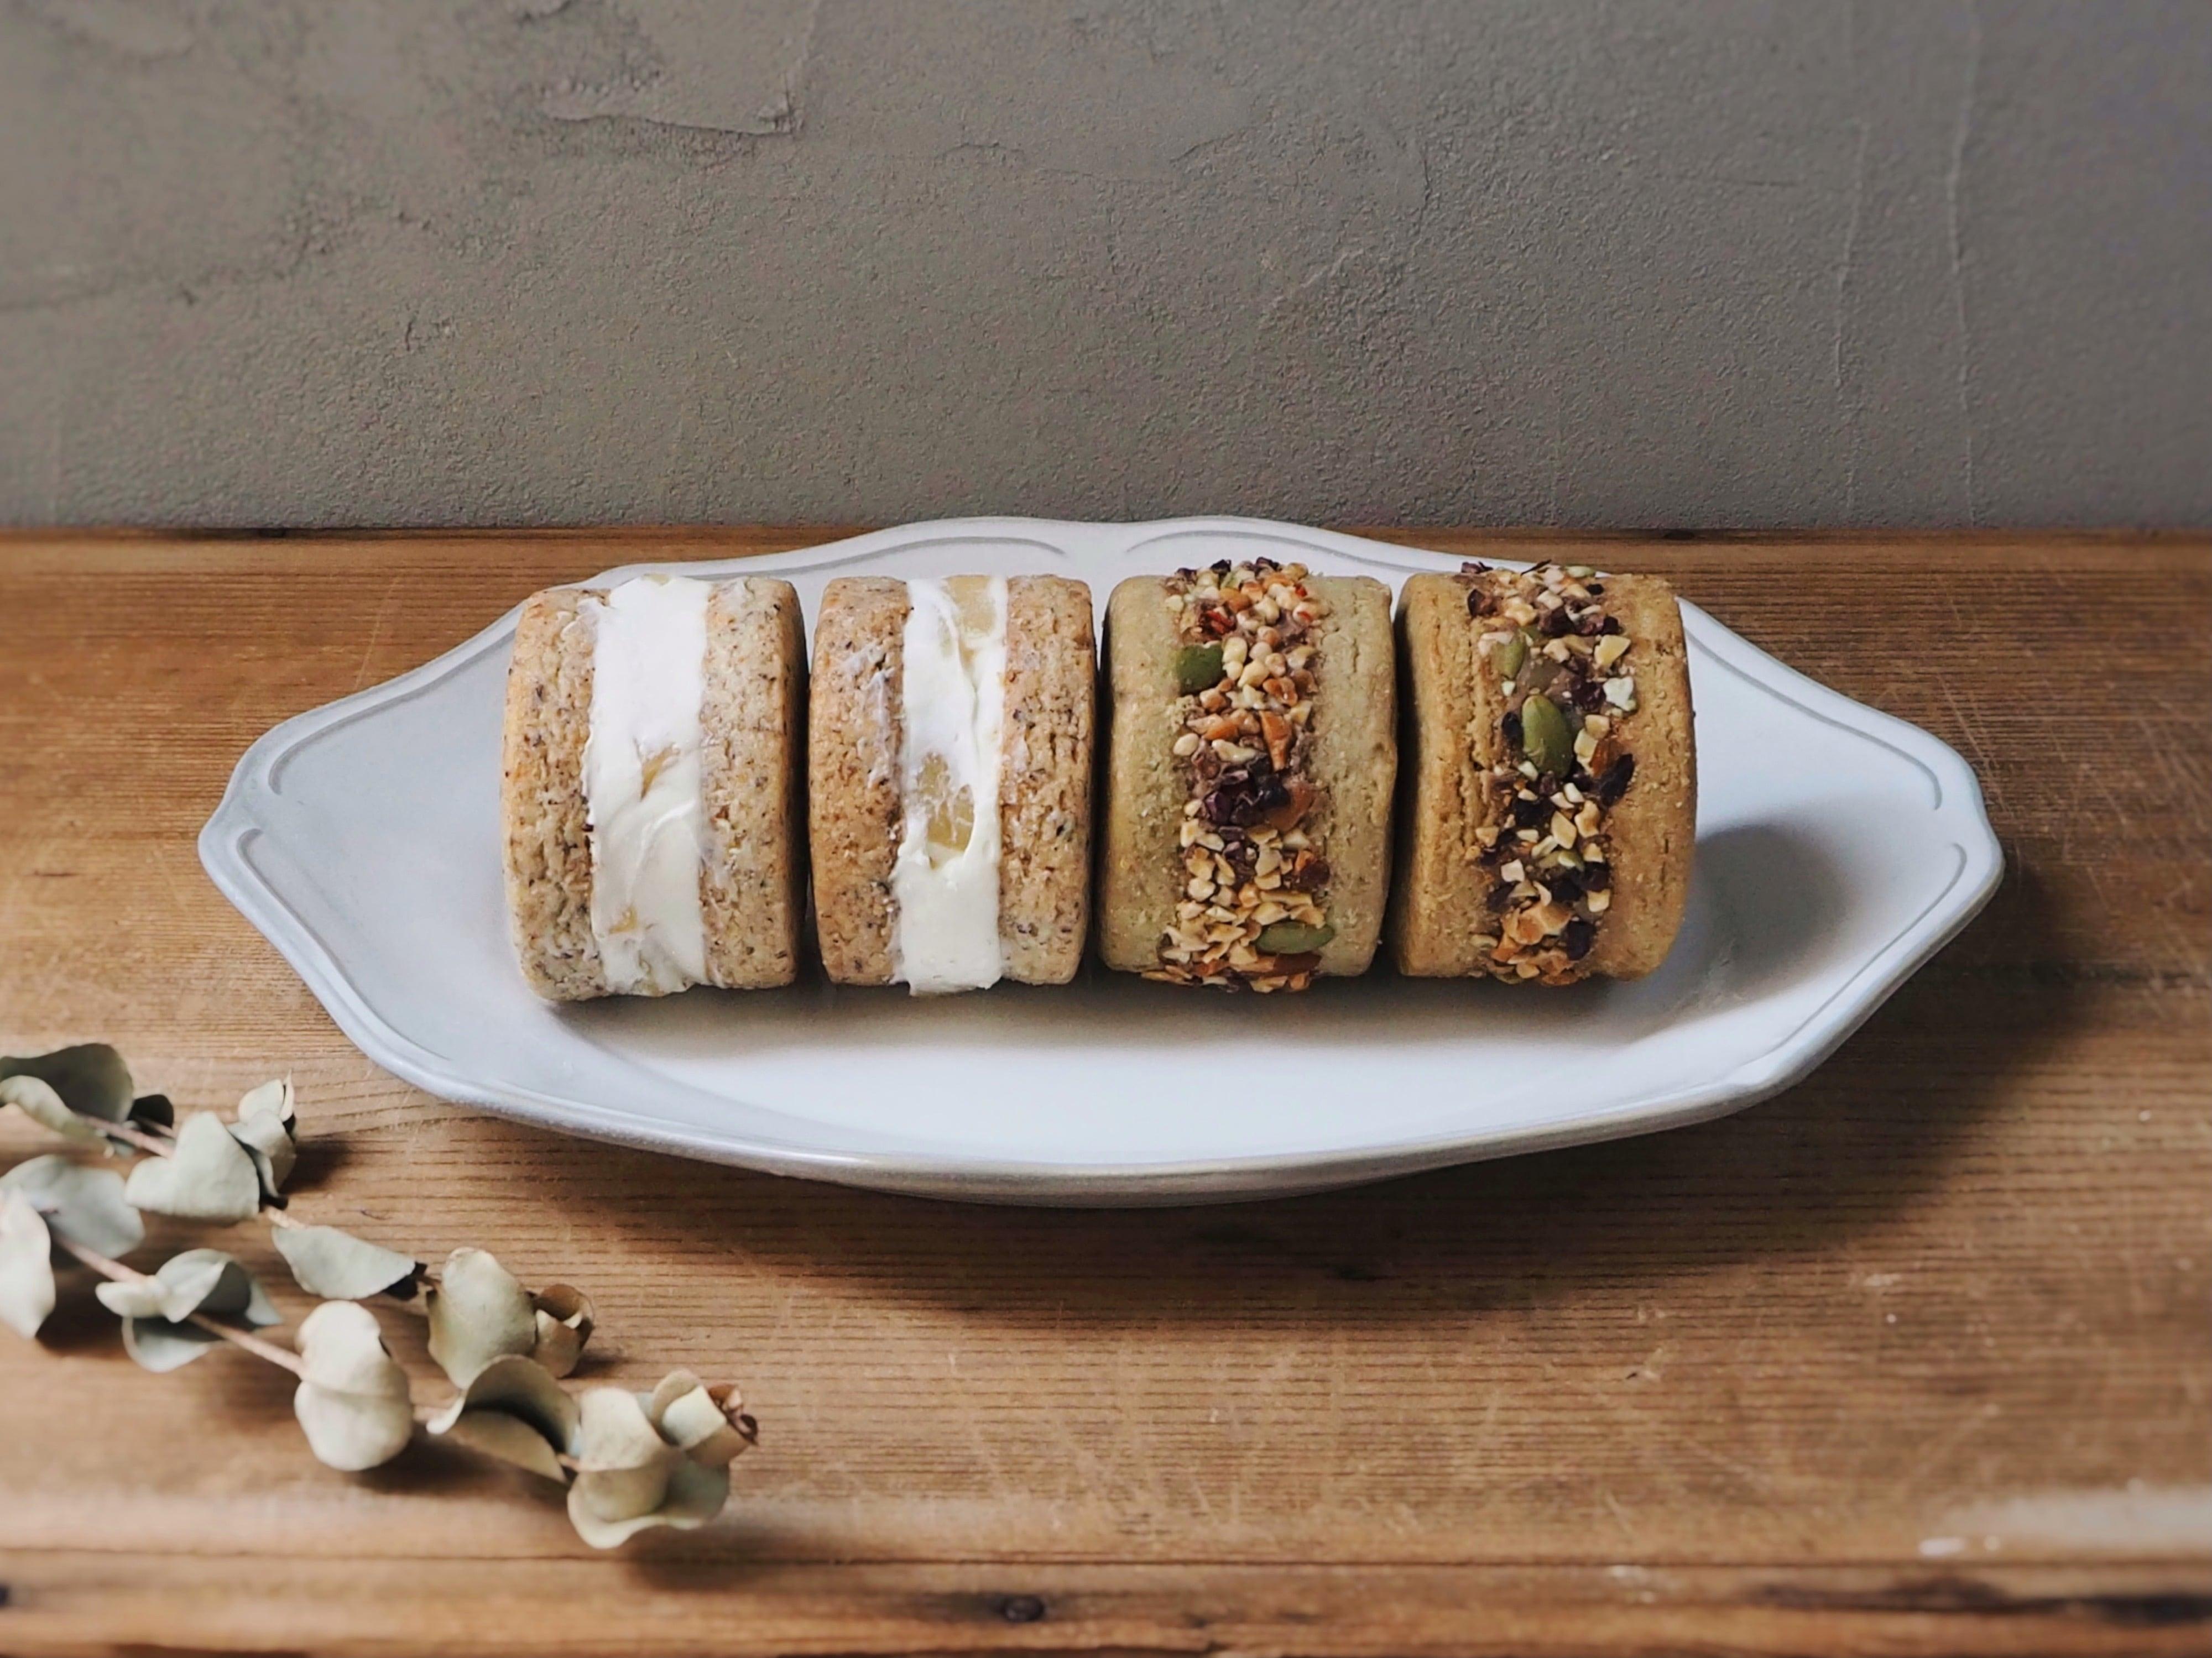 『ラ・フランスクッキーサンドとチョコマロンクッキーサンド』2種類set